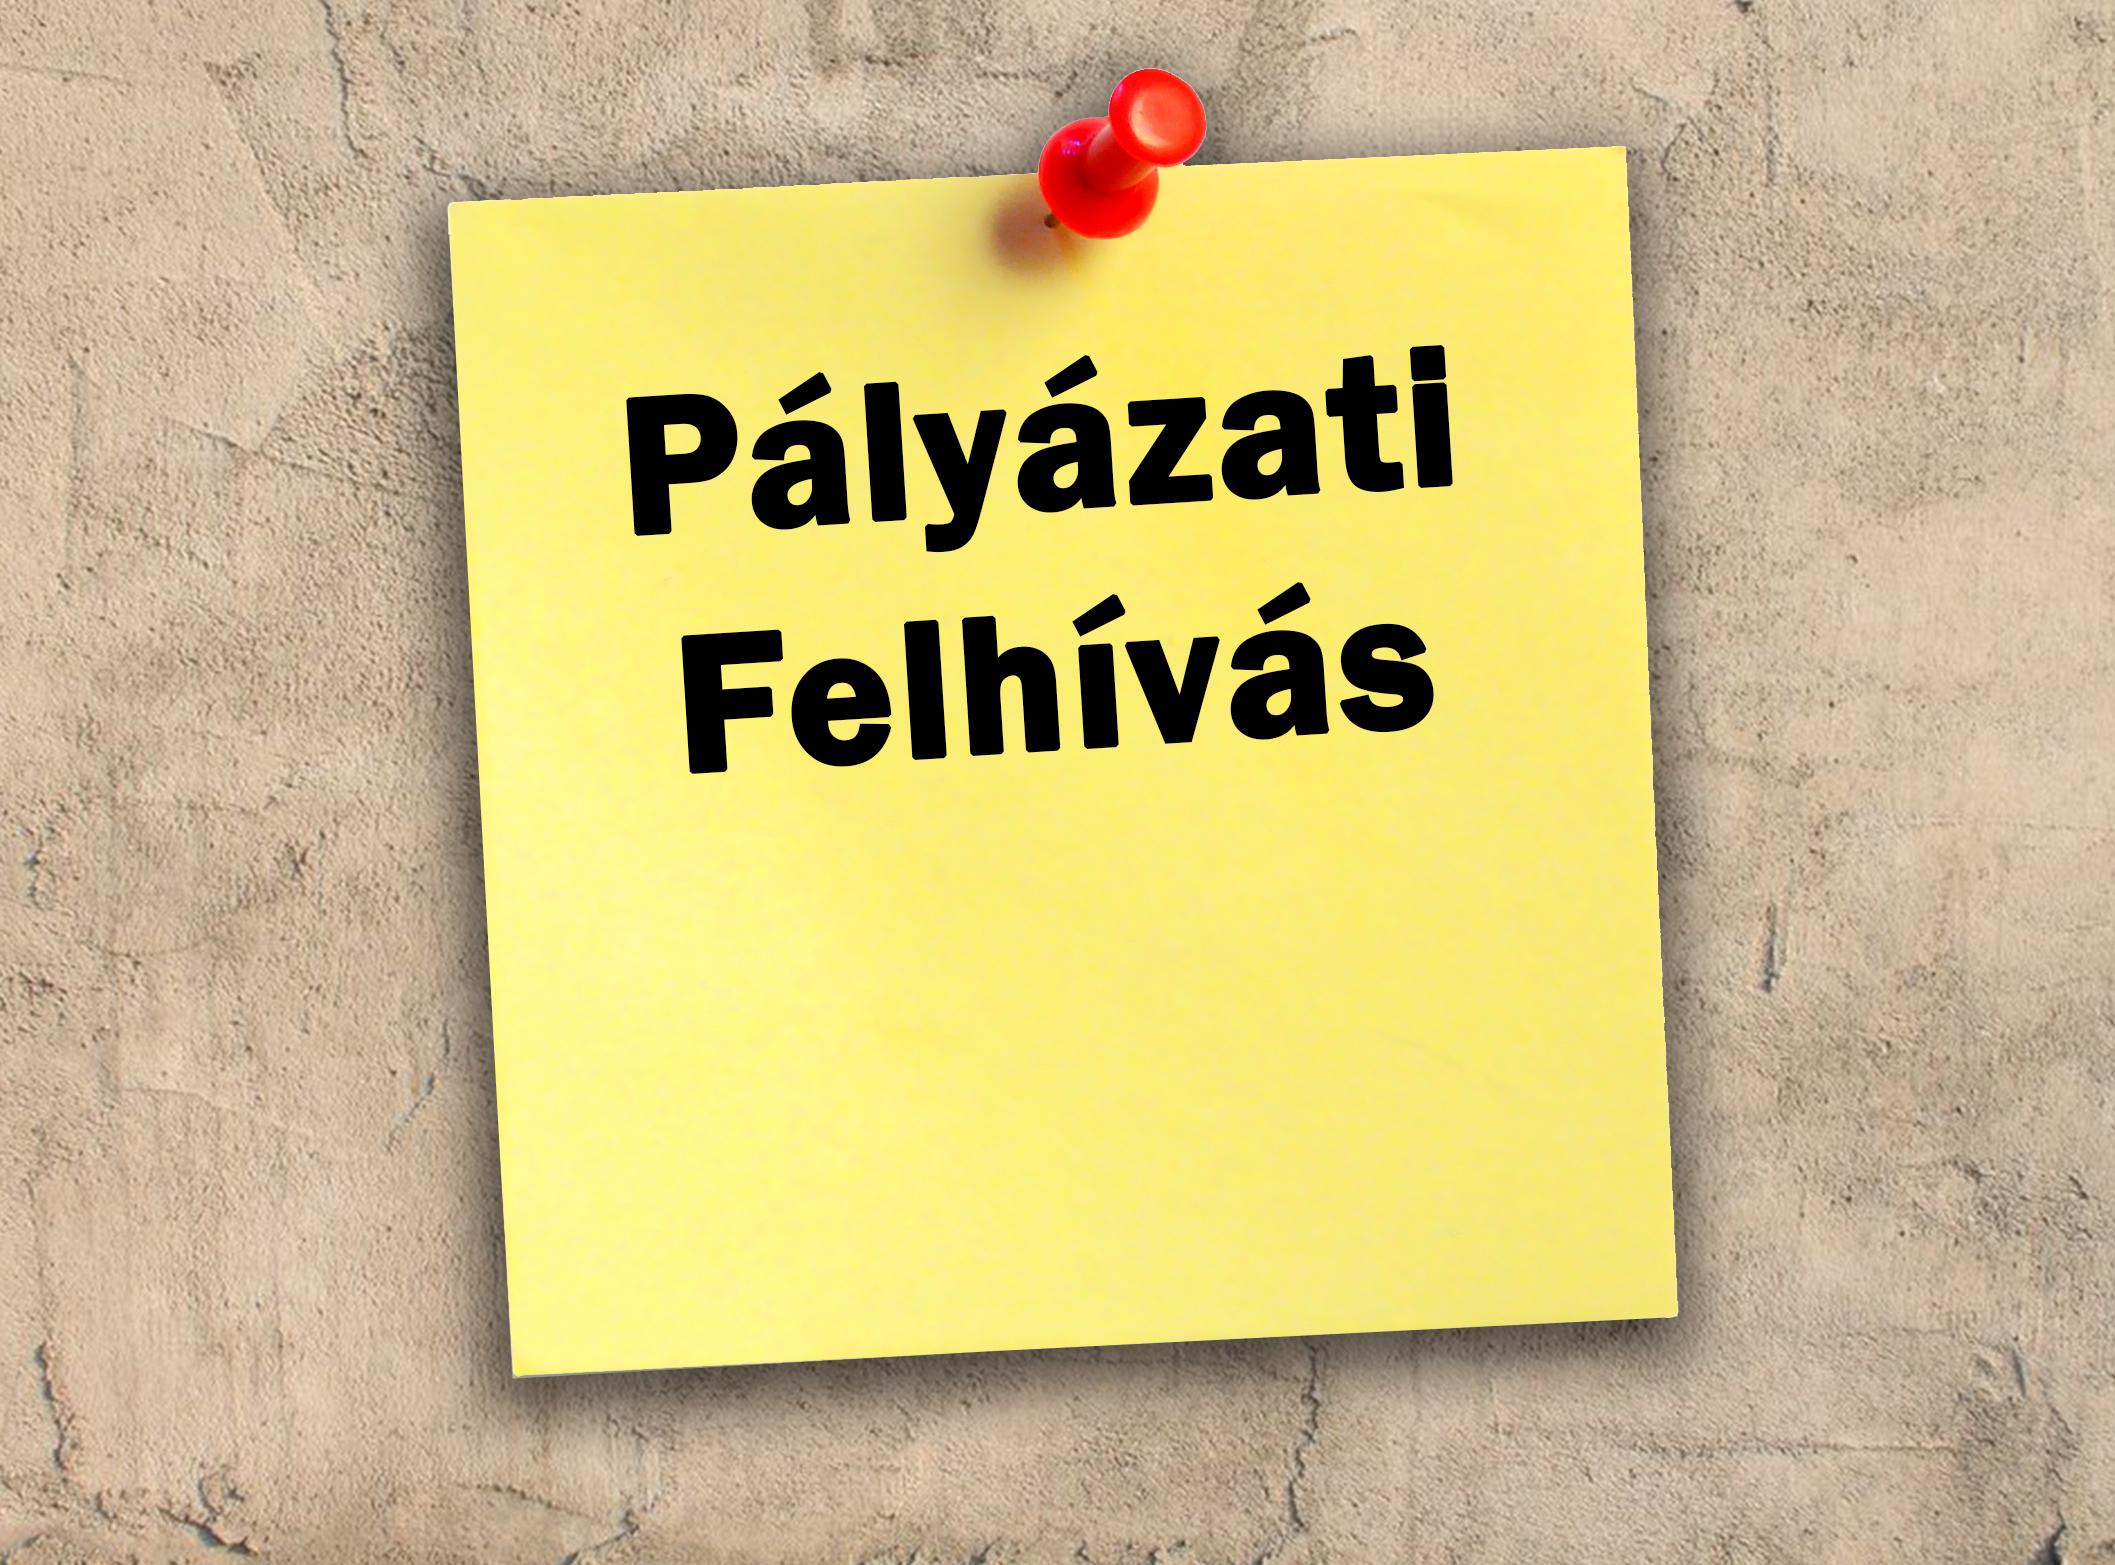 Pályázati felhívás (5940/3 hrsz. zártkerti ingatlan egy részének haszonbérbe adására)